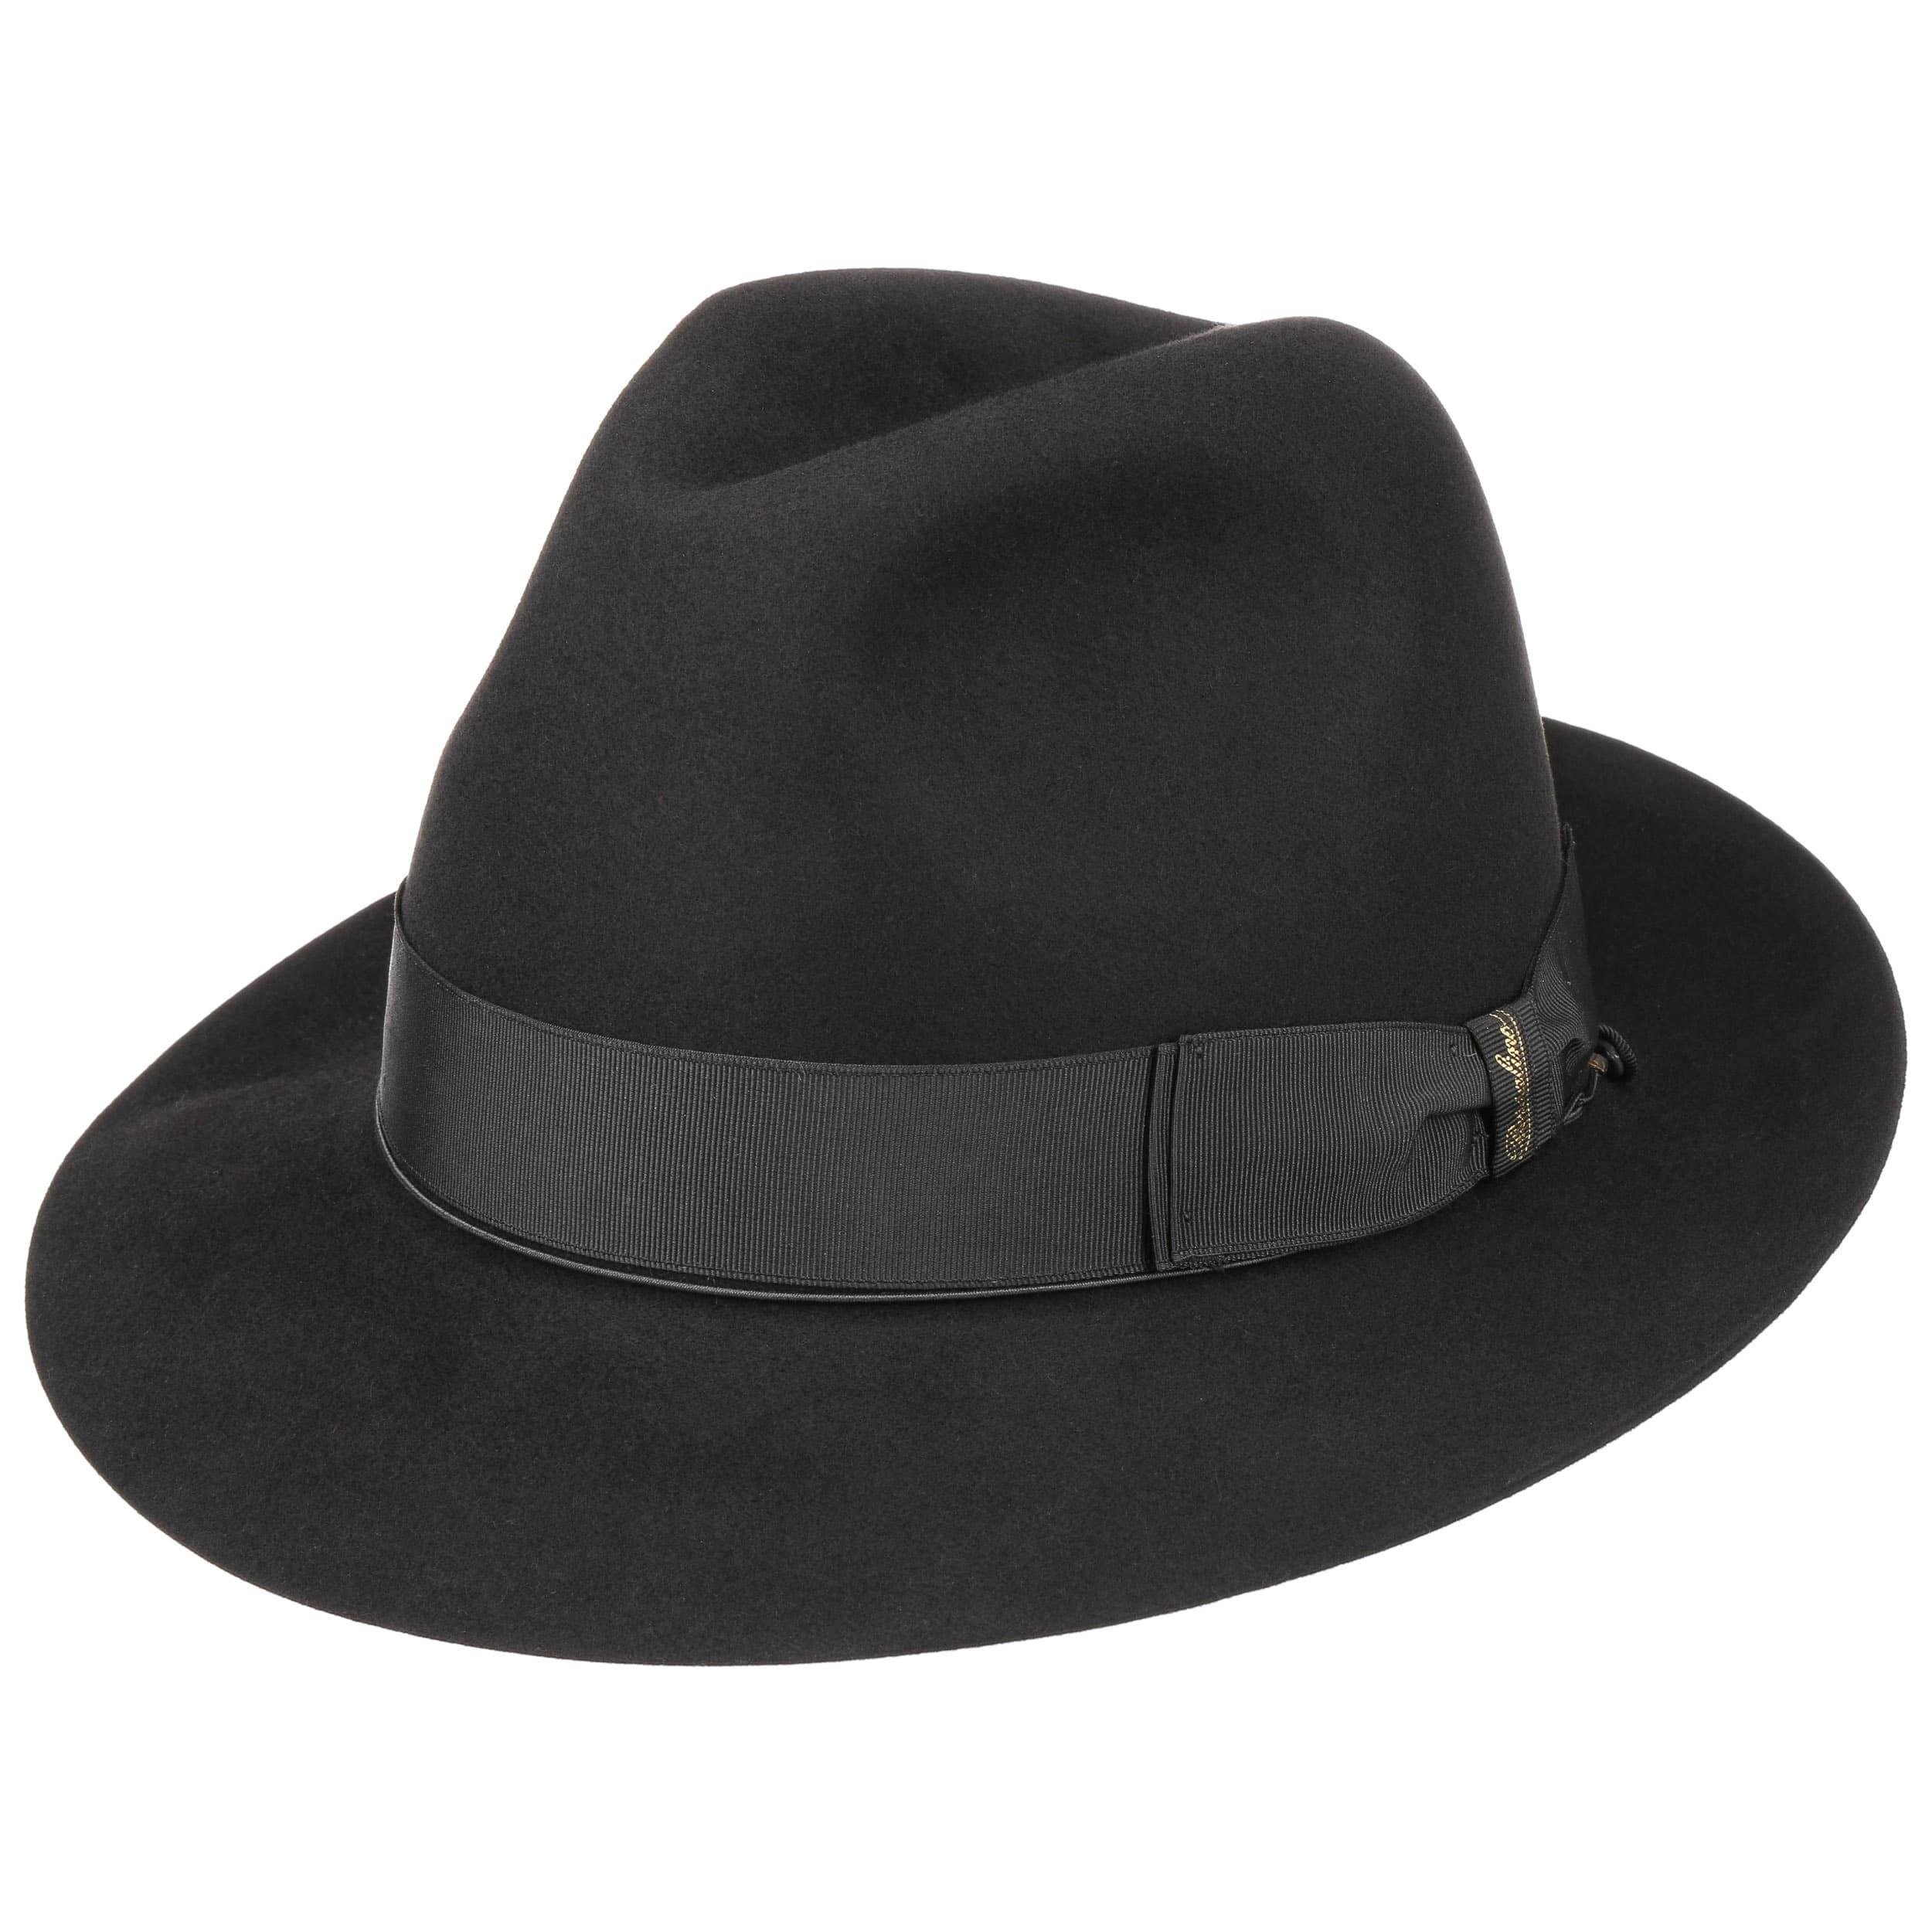 Sombrero de Pelo de Hombre by Borsalino - Sombreros - sombreroshop.es 2e209b37175